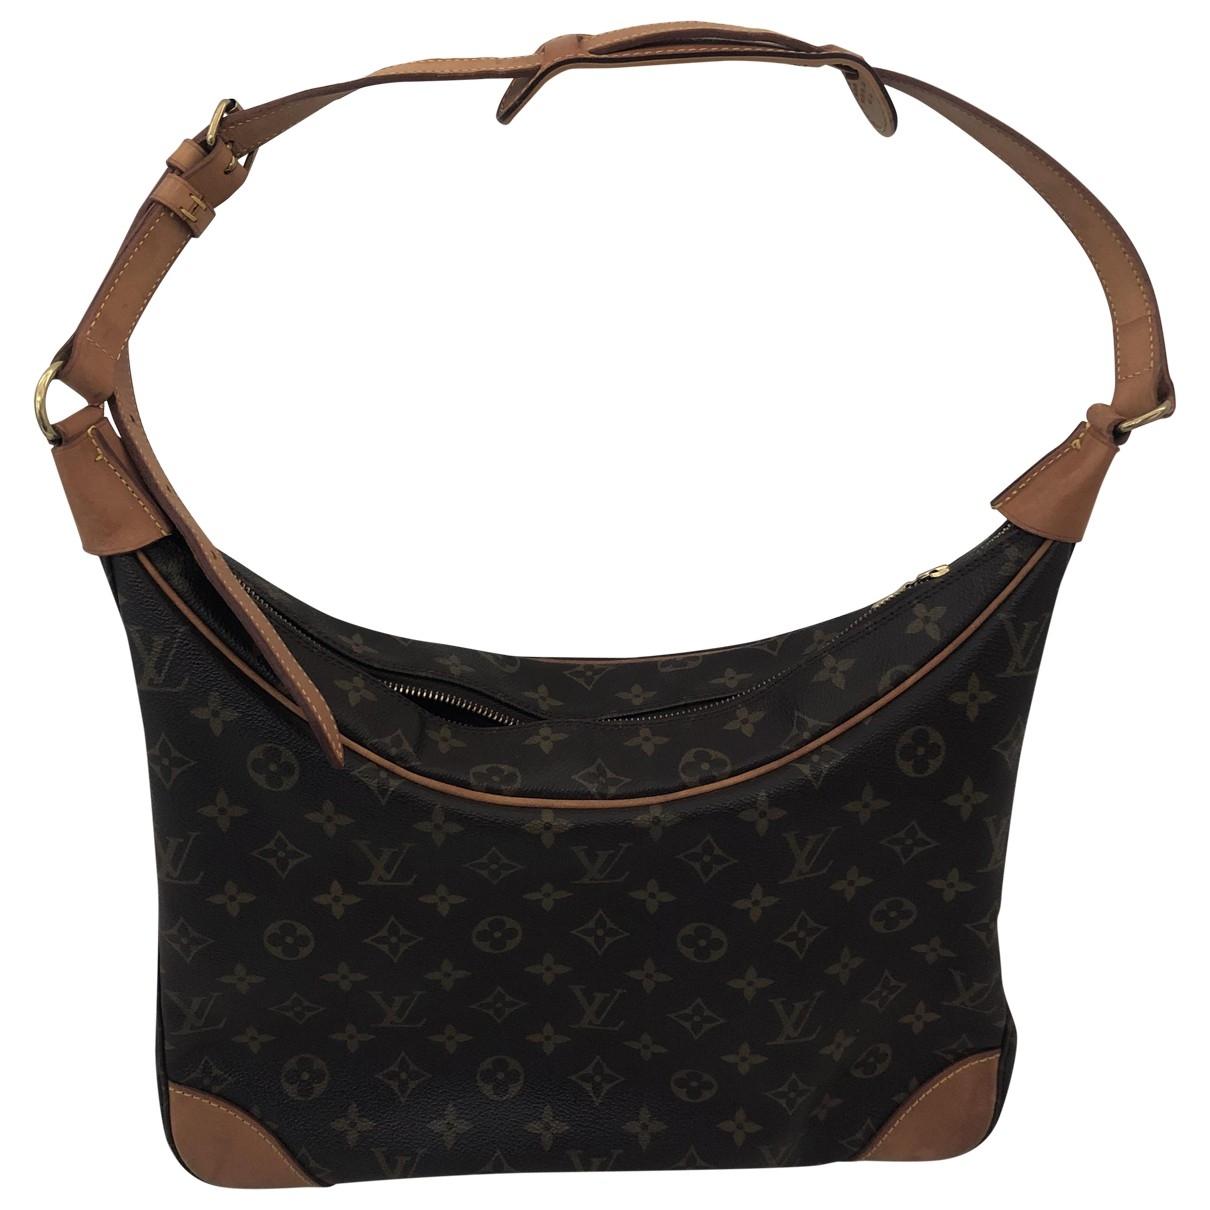 Louis Vuitton - Sac a main Bagatelle Vintage  pour femme en toile - marron